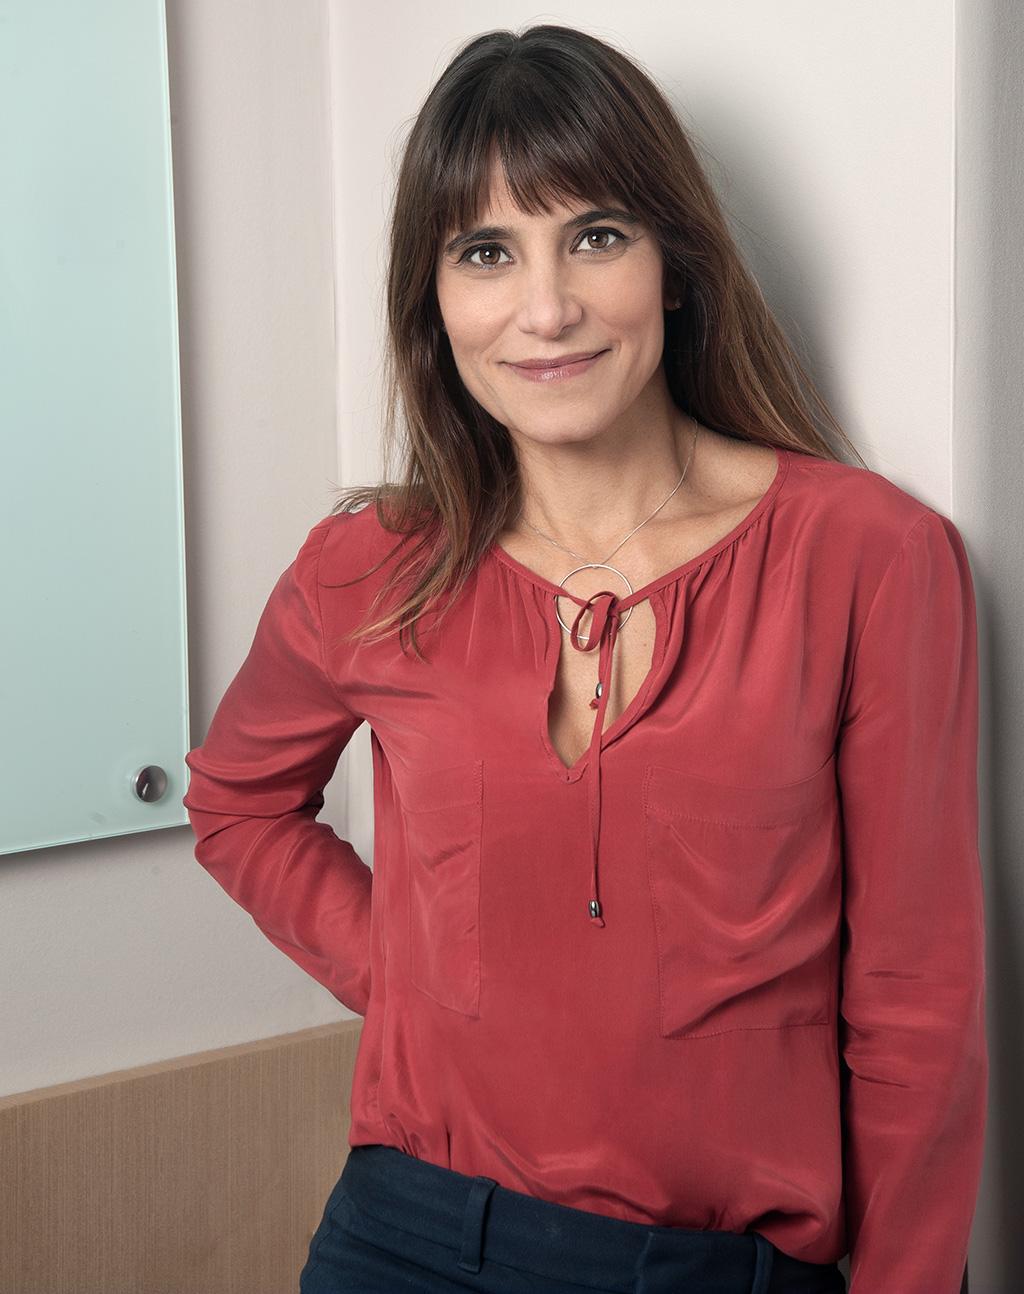 Combate e prevenção de doenças Aliansce Sonae Ana Paula Niemeyer - Revista Shopping Centers